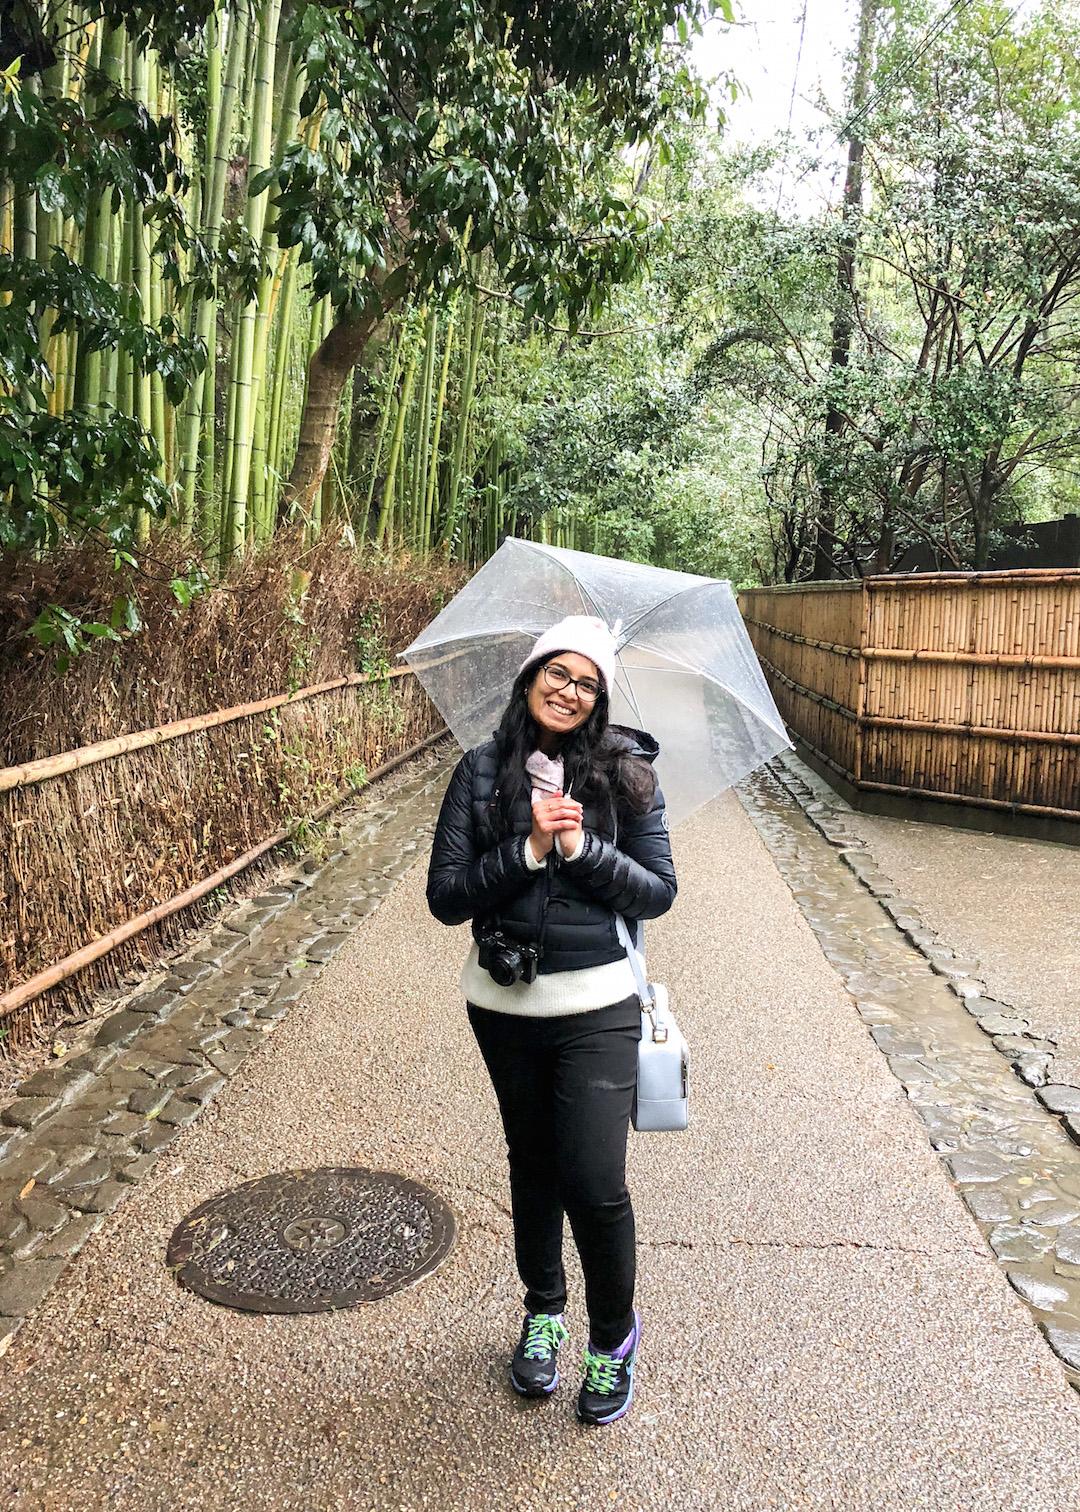 Her_Travel_Edit_Kyoto_Arashiyama_Bamboo_Grove